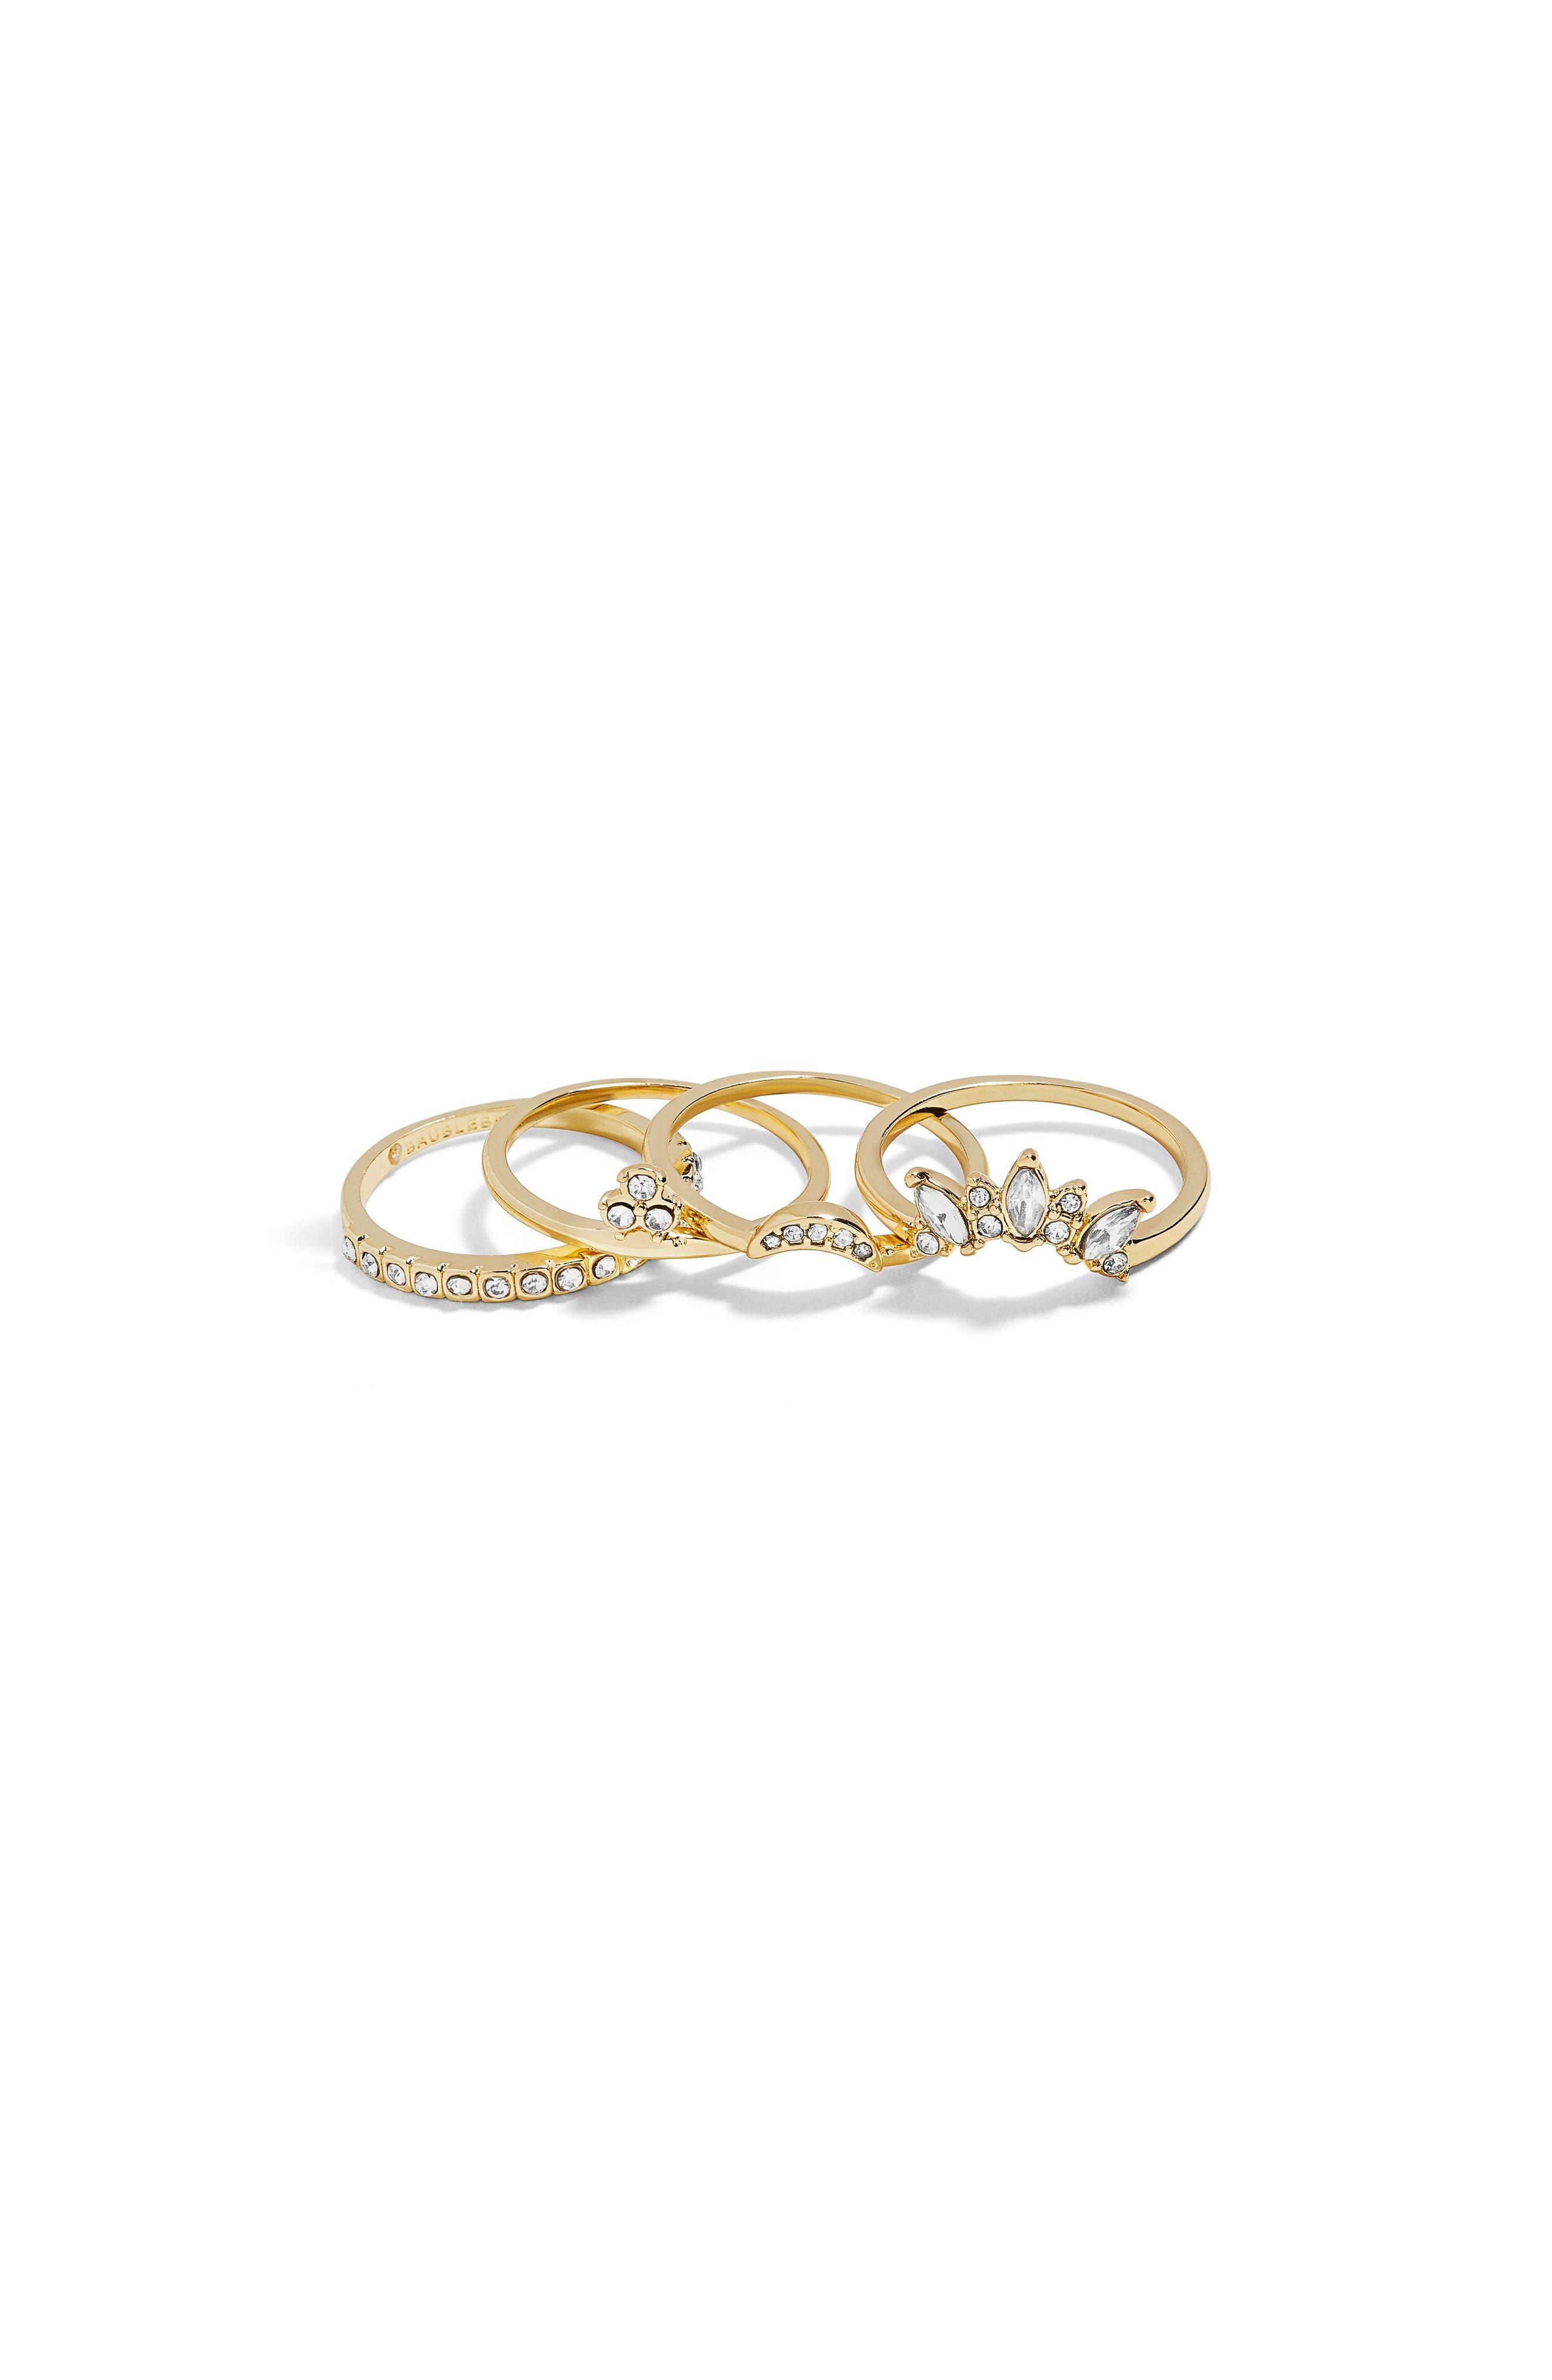 4-Pack Regime Ring Set,                         Main,                         color, GOLD